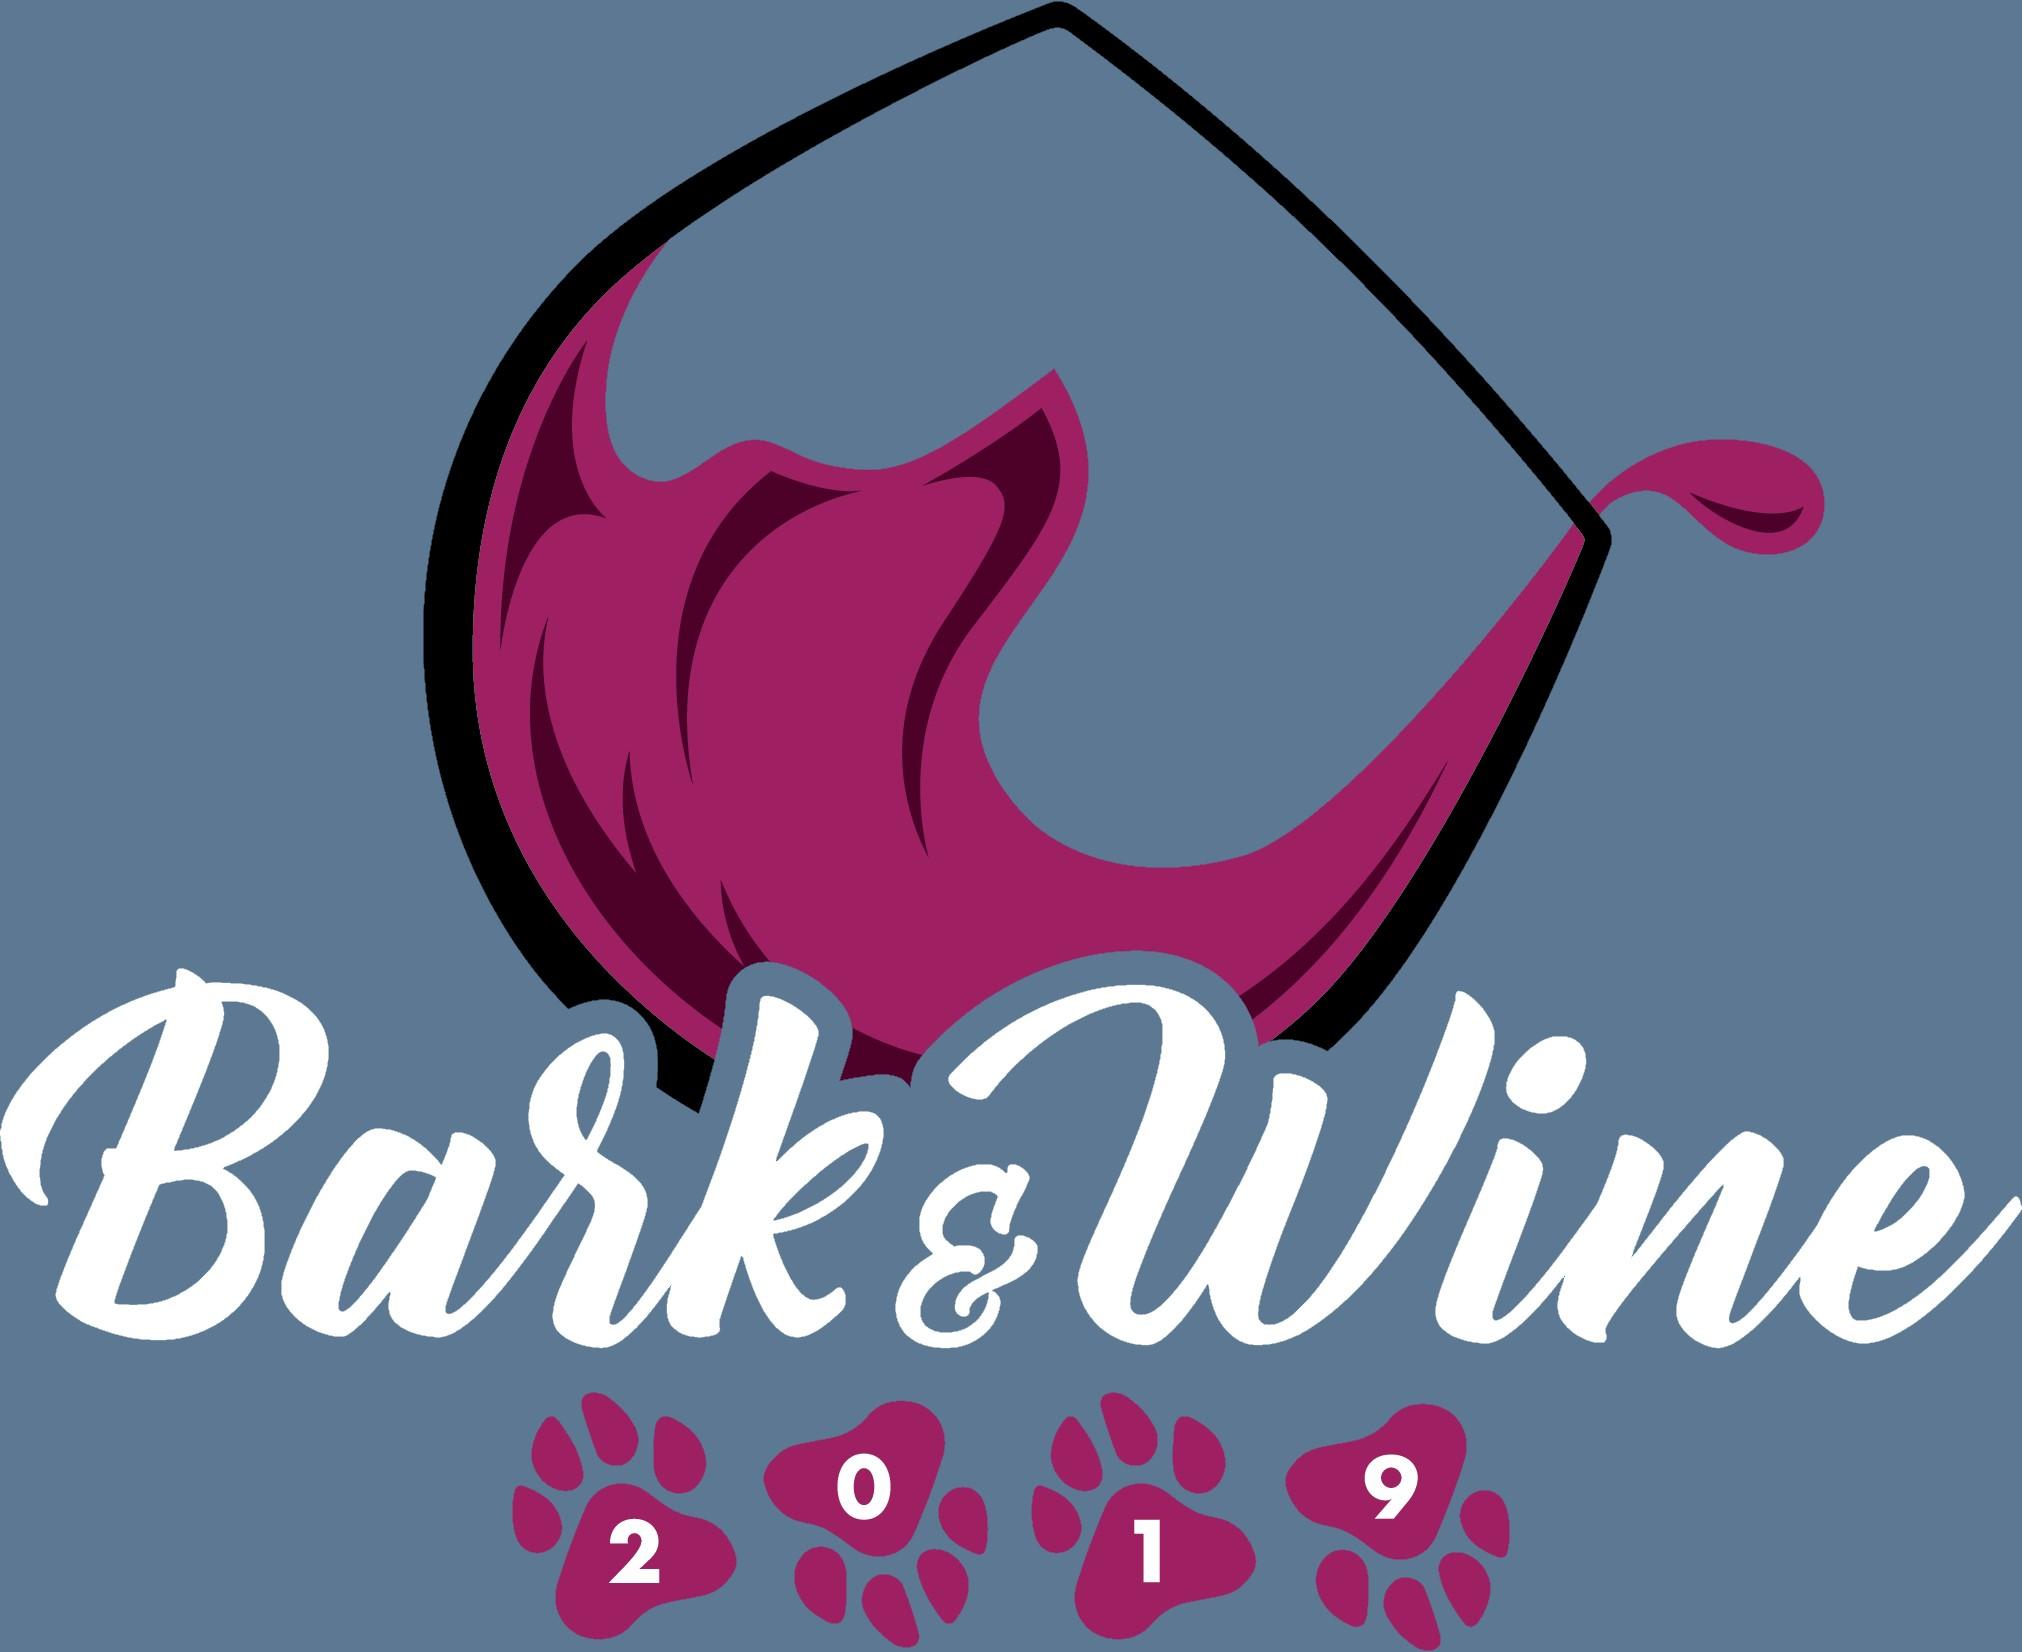 MOAS - Bark&Wine - 2019(blackglasswhitefont)-blue.jpg